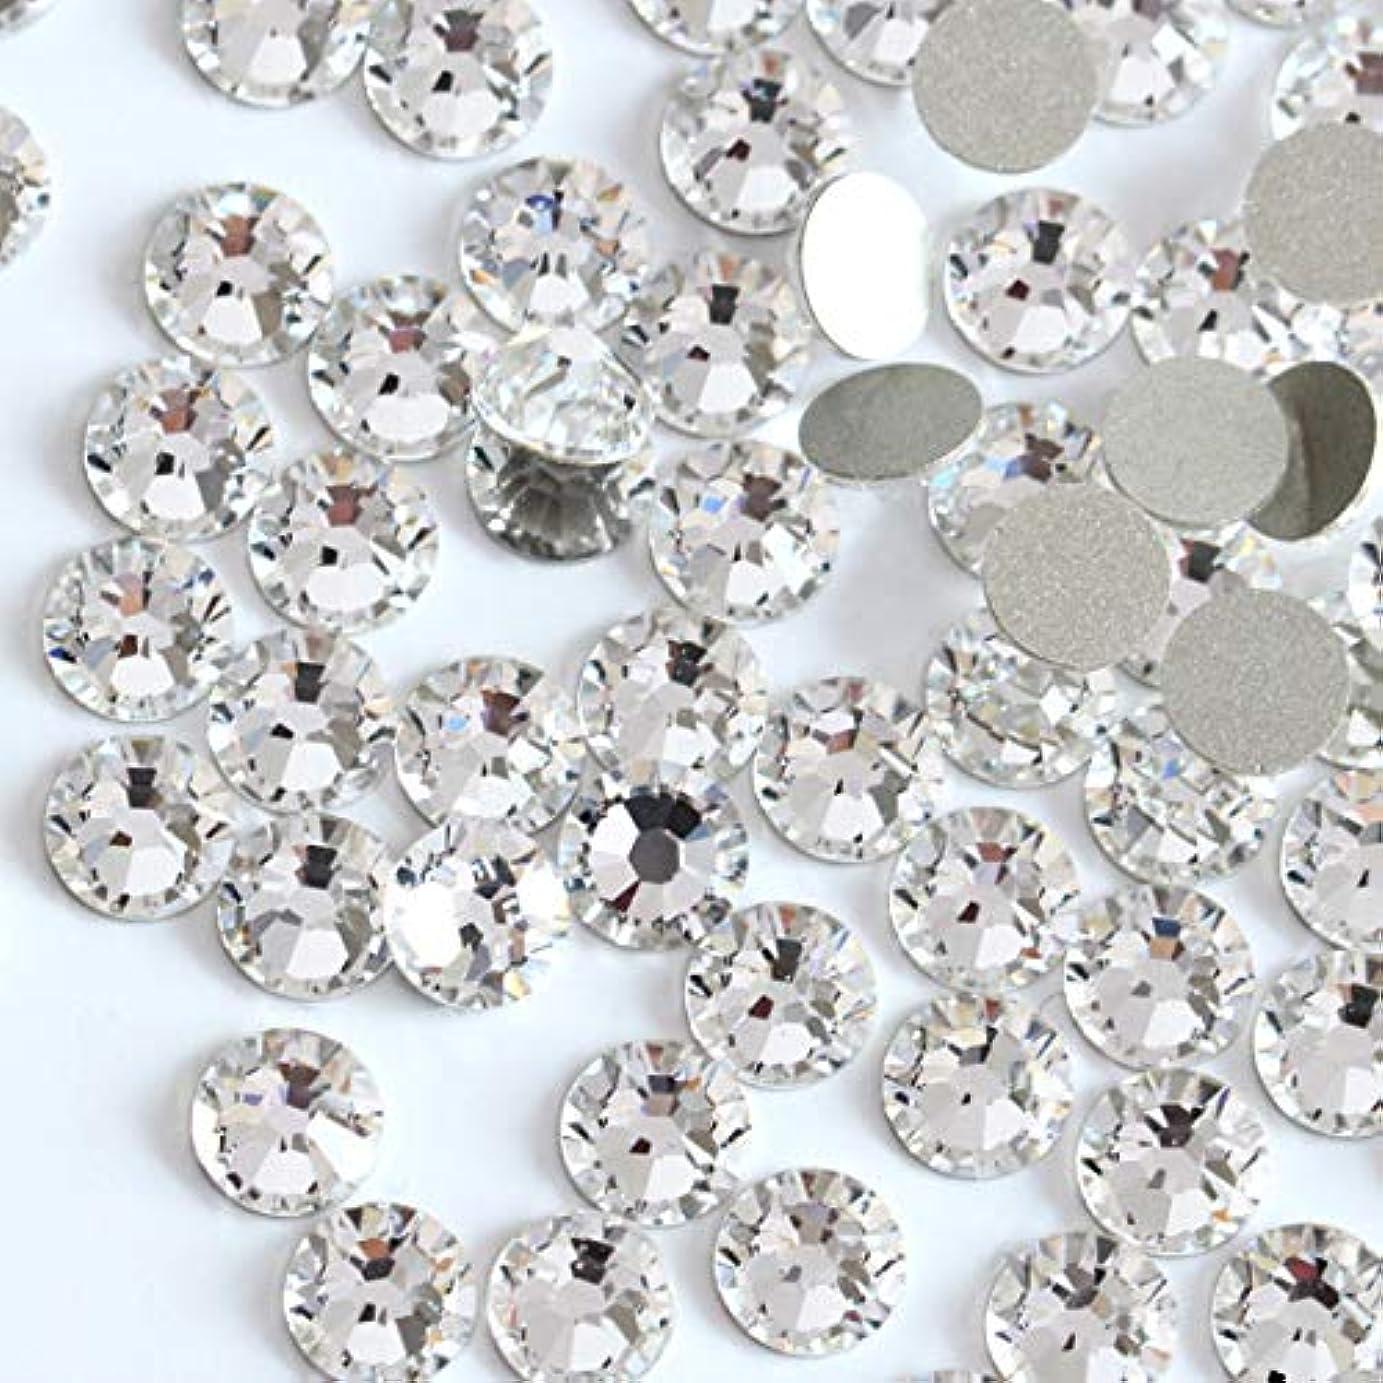 夢中流星白菜【ラインストーン77】高品質ガラス製ラインストーン クリスタル SS3(1.3mm)約1440粒